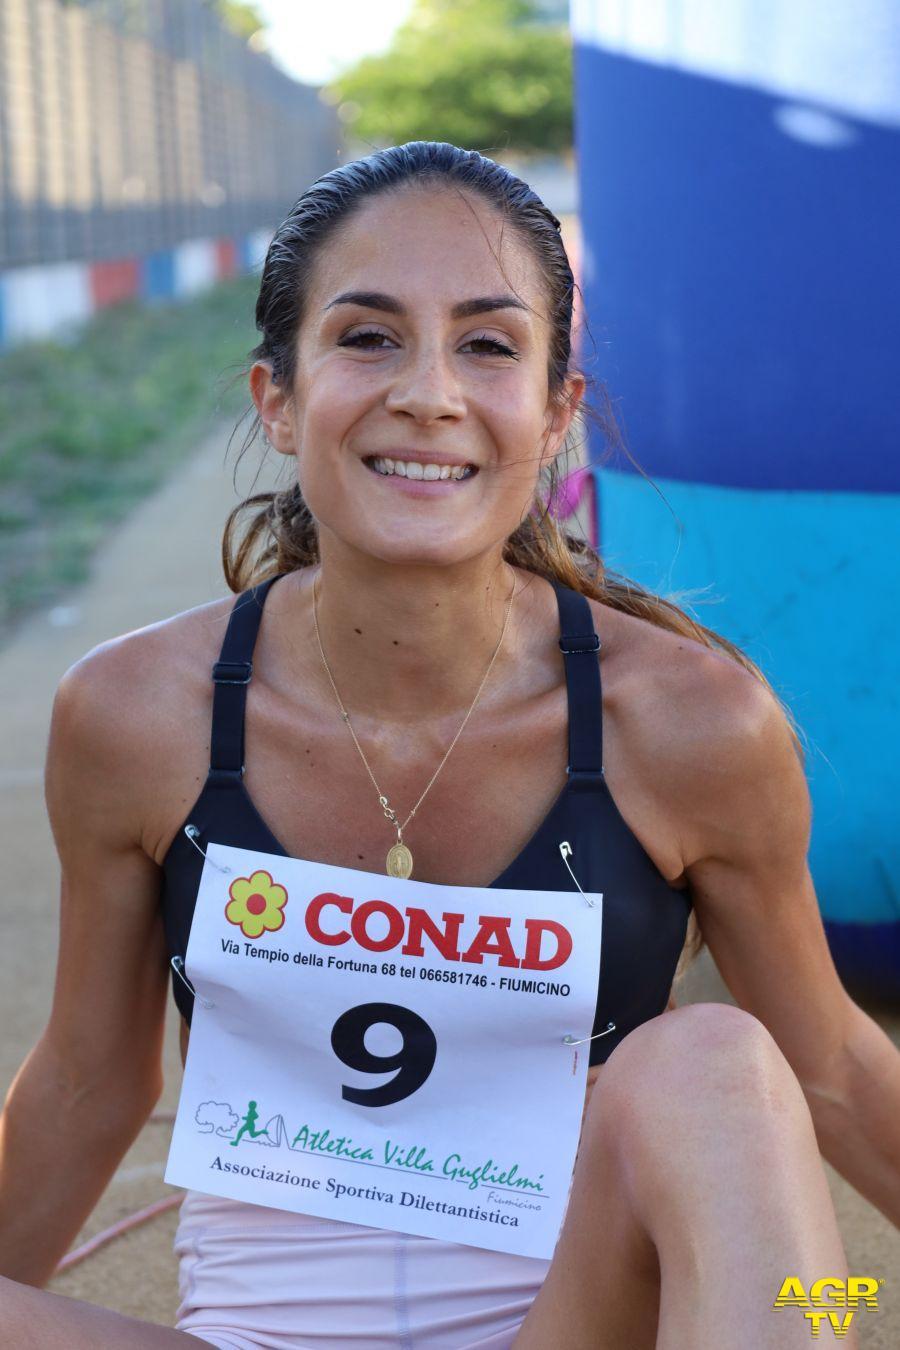 Giulia Sassoli della Asd Acsi Italia Atletica